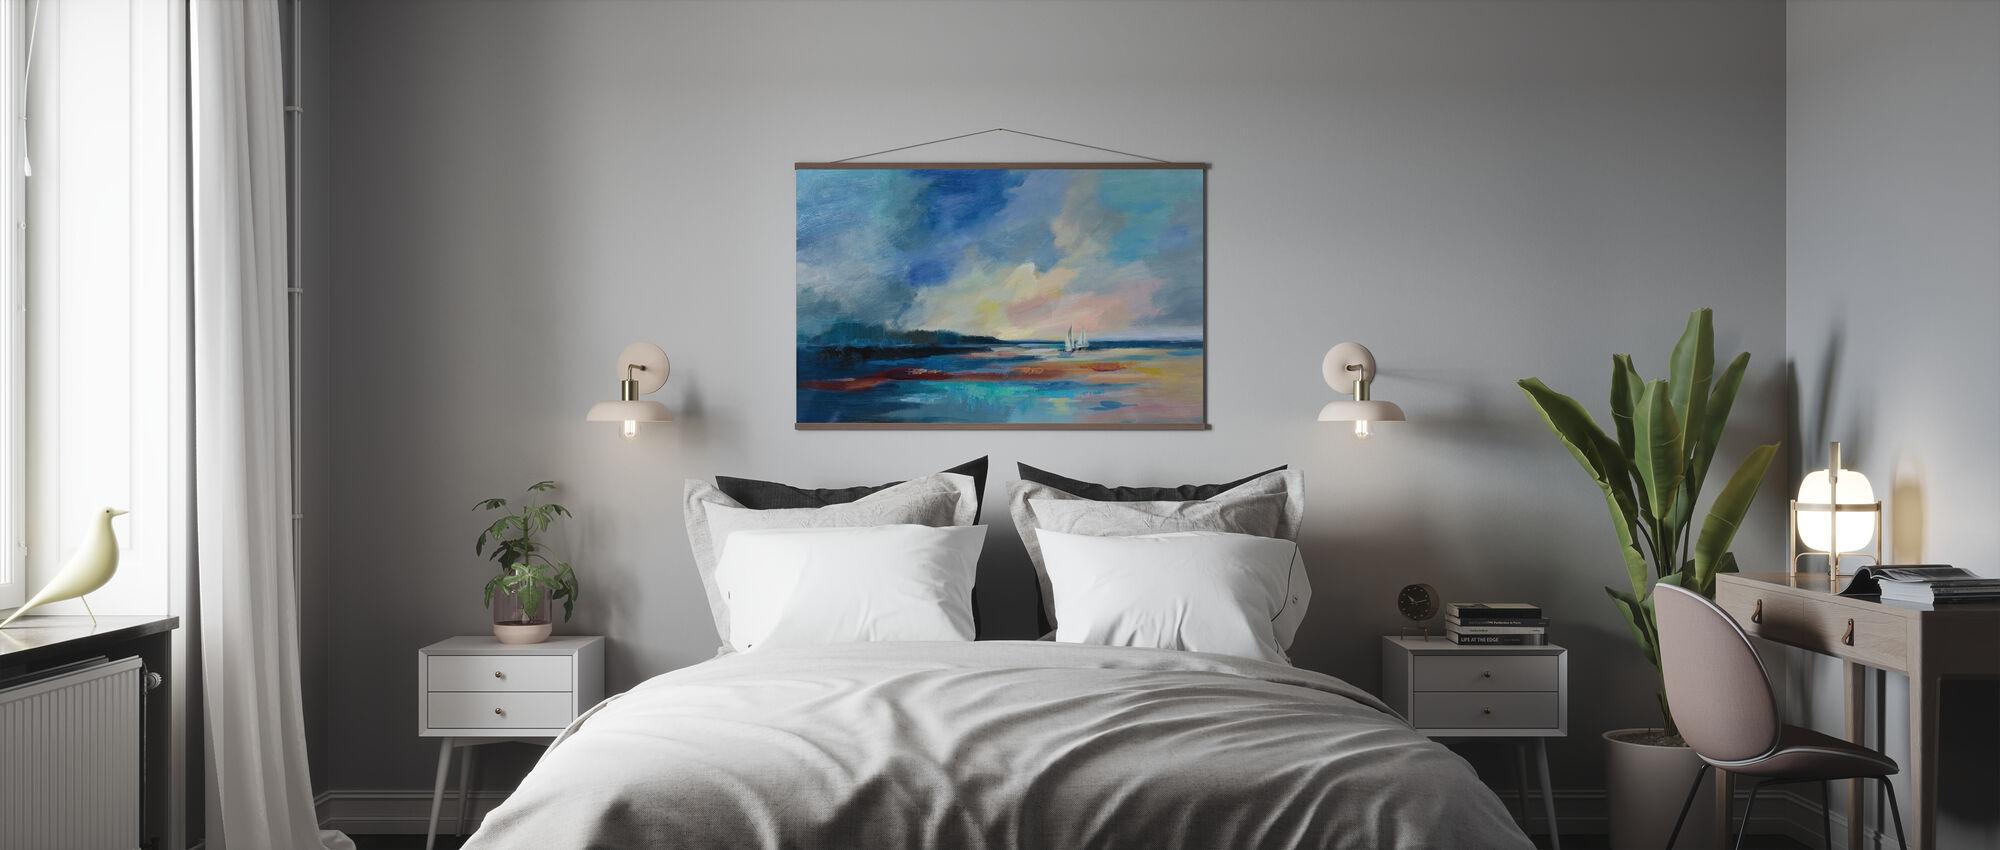 Ultramarin Meer und Himmel - Poster - Schlafzimmer